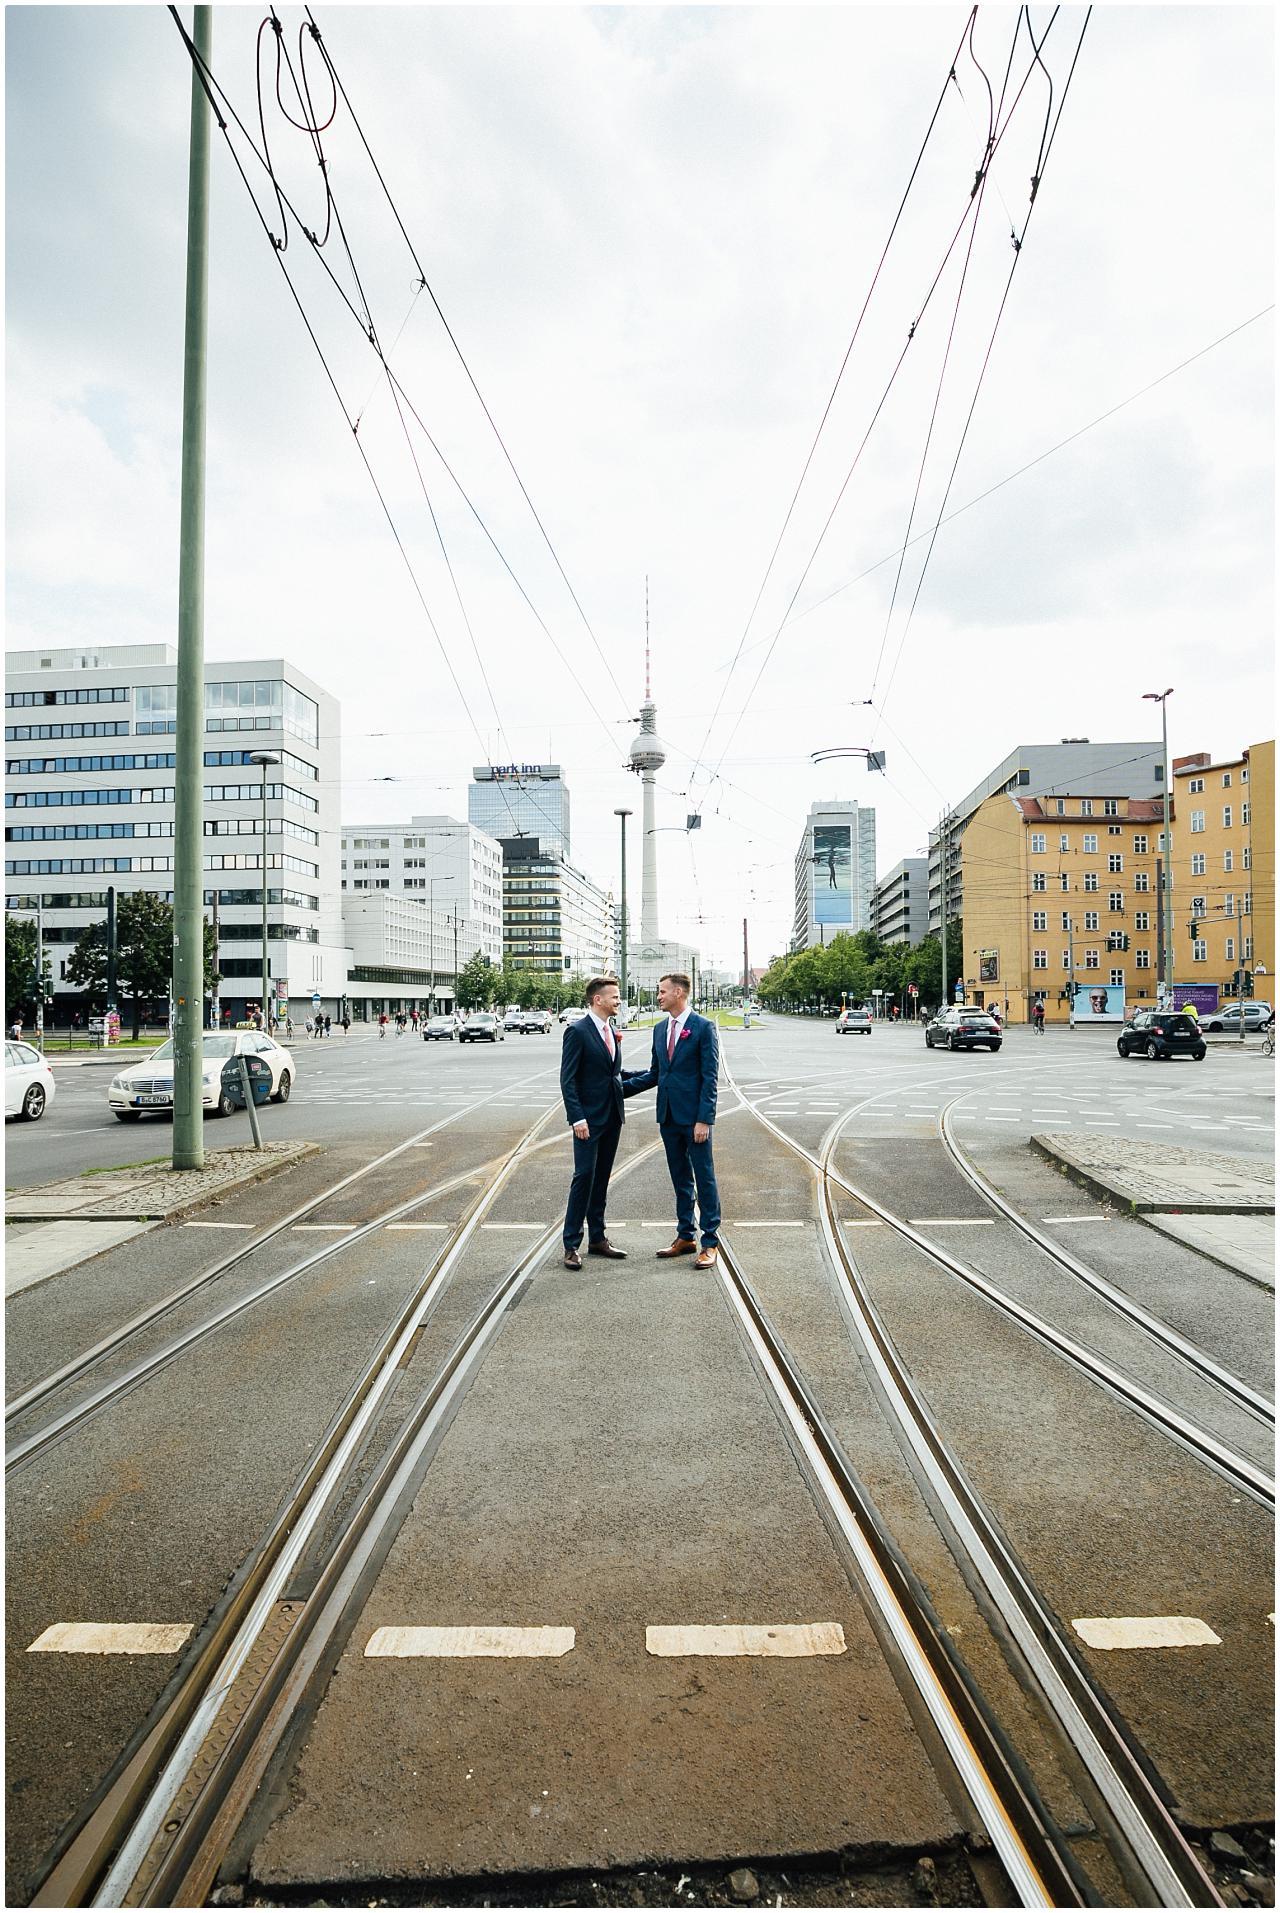 Gleichgeschlechtliches Brautpaar posiert auf den Schienen der Tram vor dem Alexanderplatz in Berlin